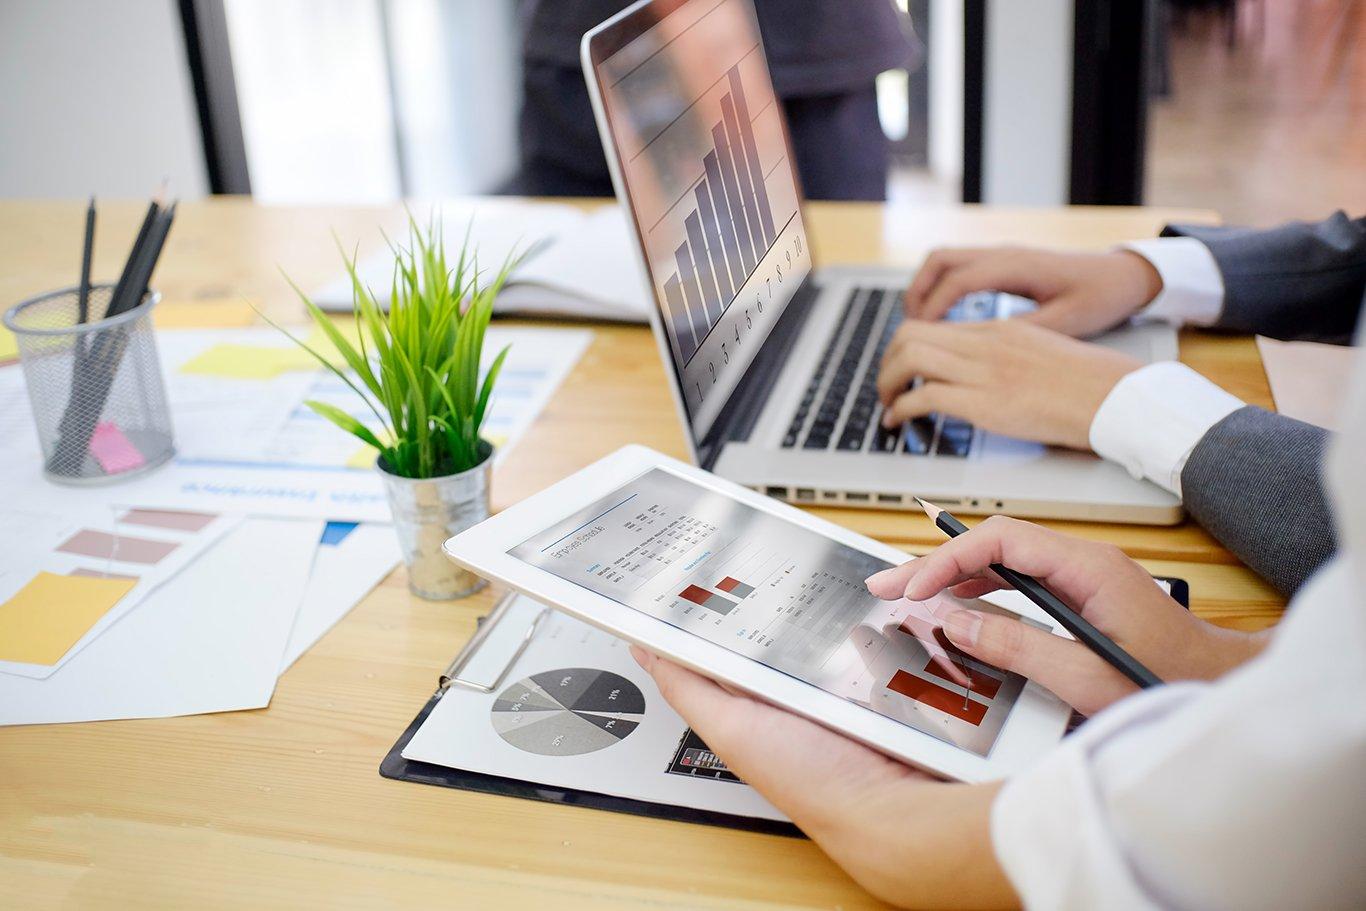 Beneficios de la automatización de procesos administrativos para las PyMEs-1